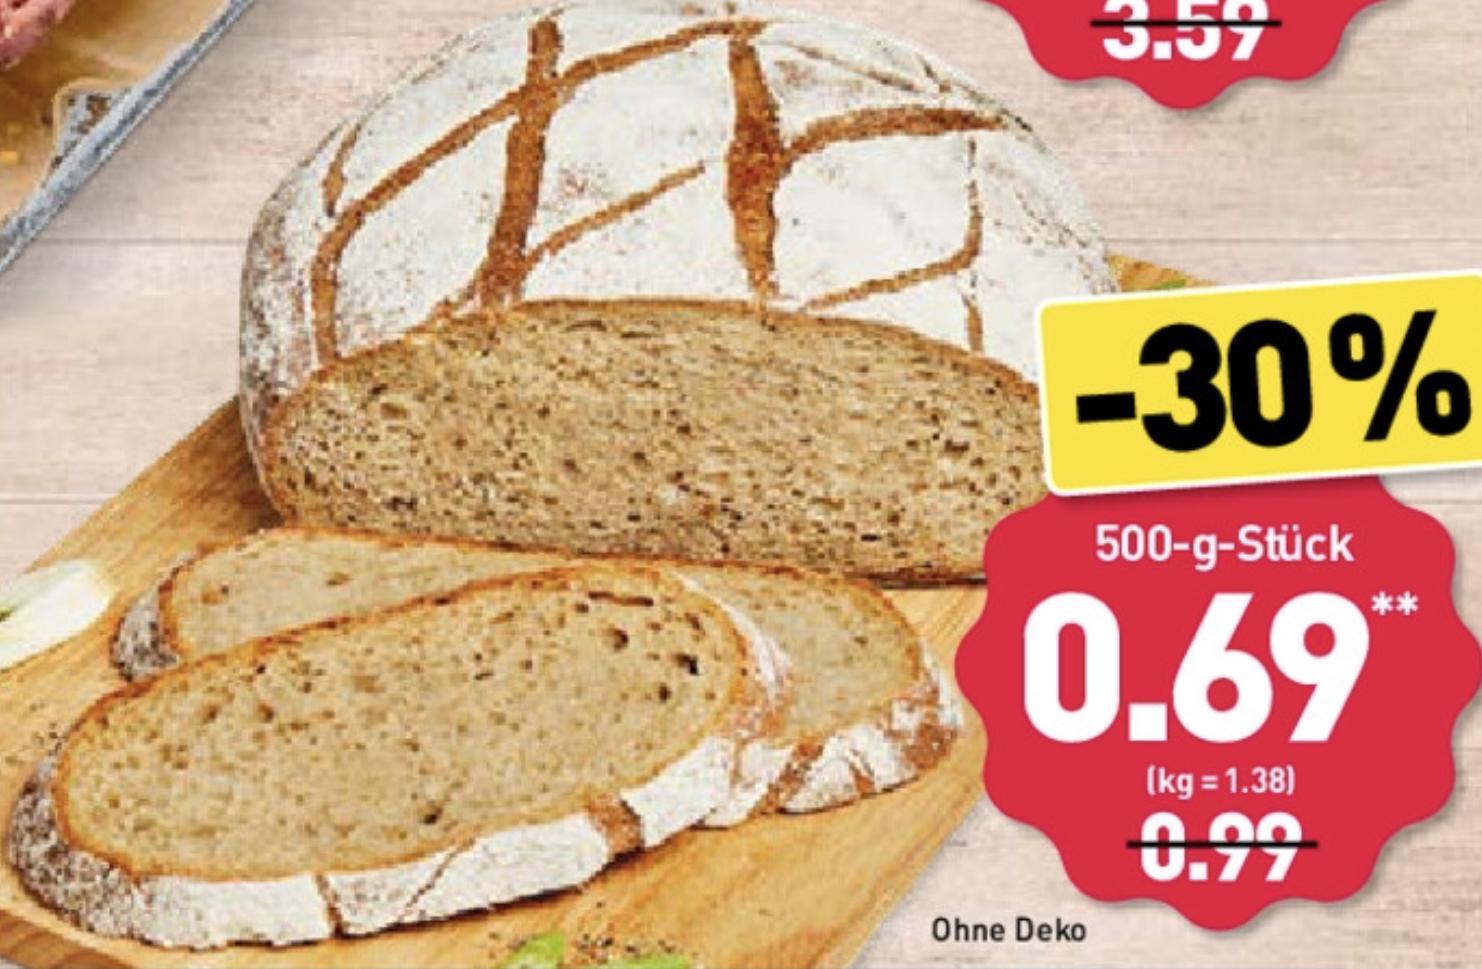 ALDI Nord Frischback: Bauernvesper Weizenmischbrot 500g. für nur 0,69€! - ab 16.09.